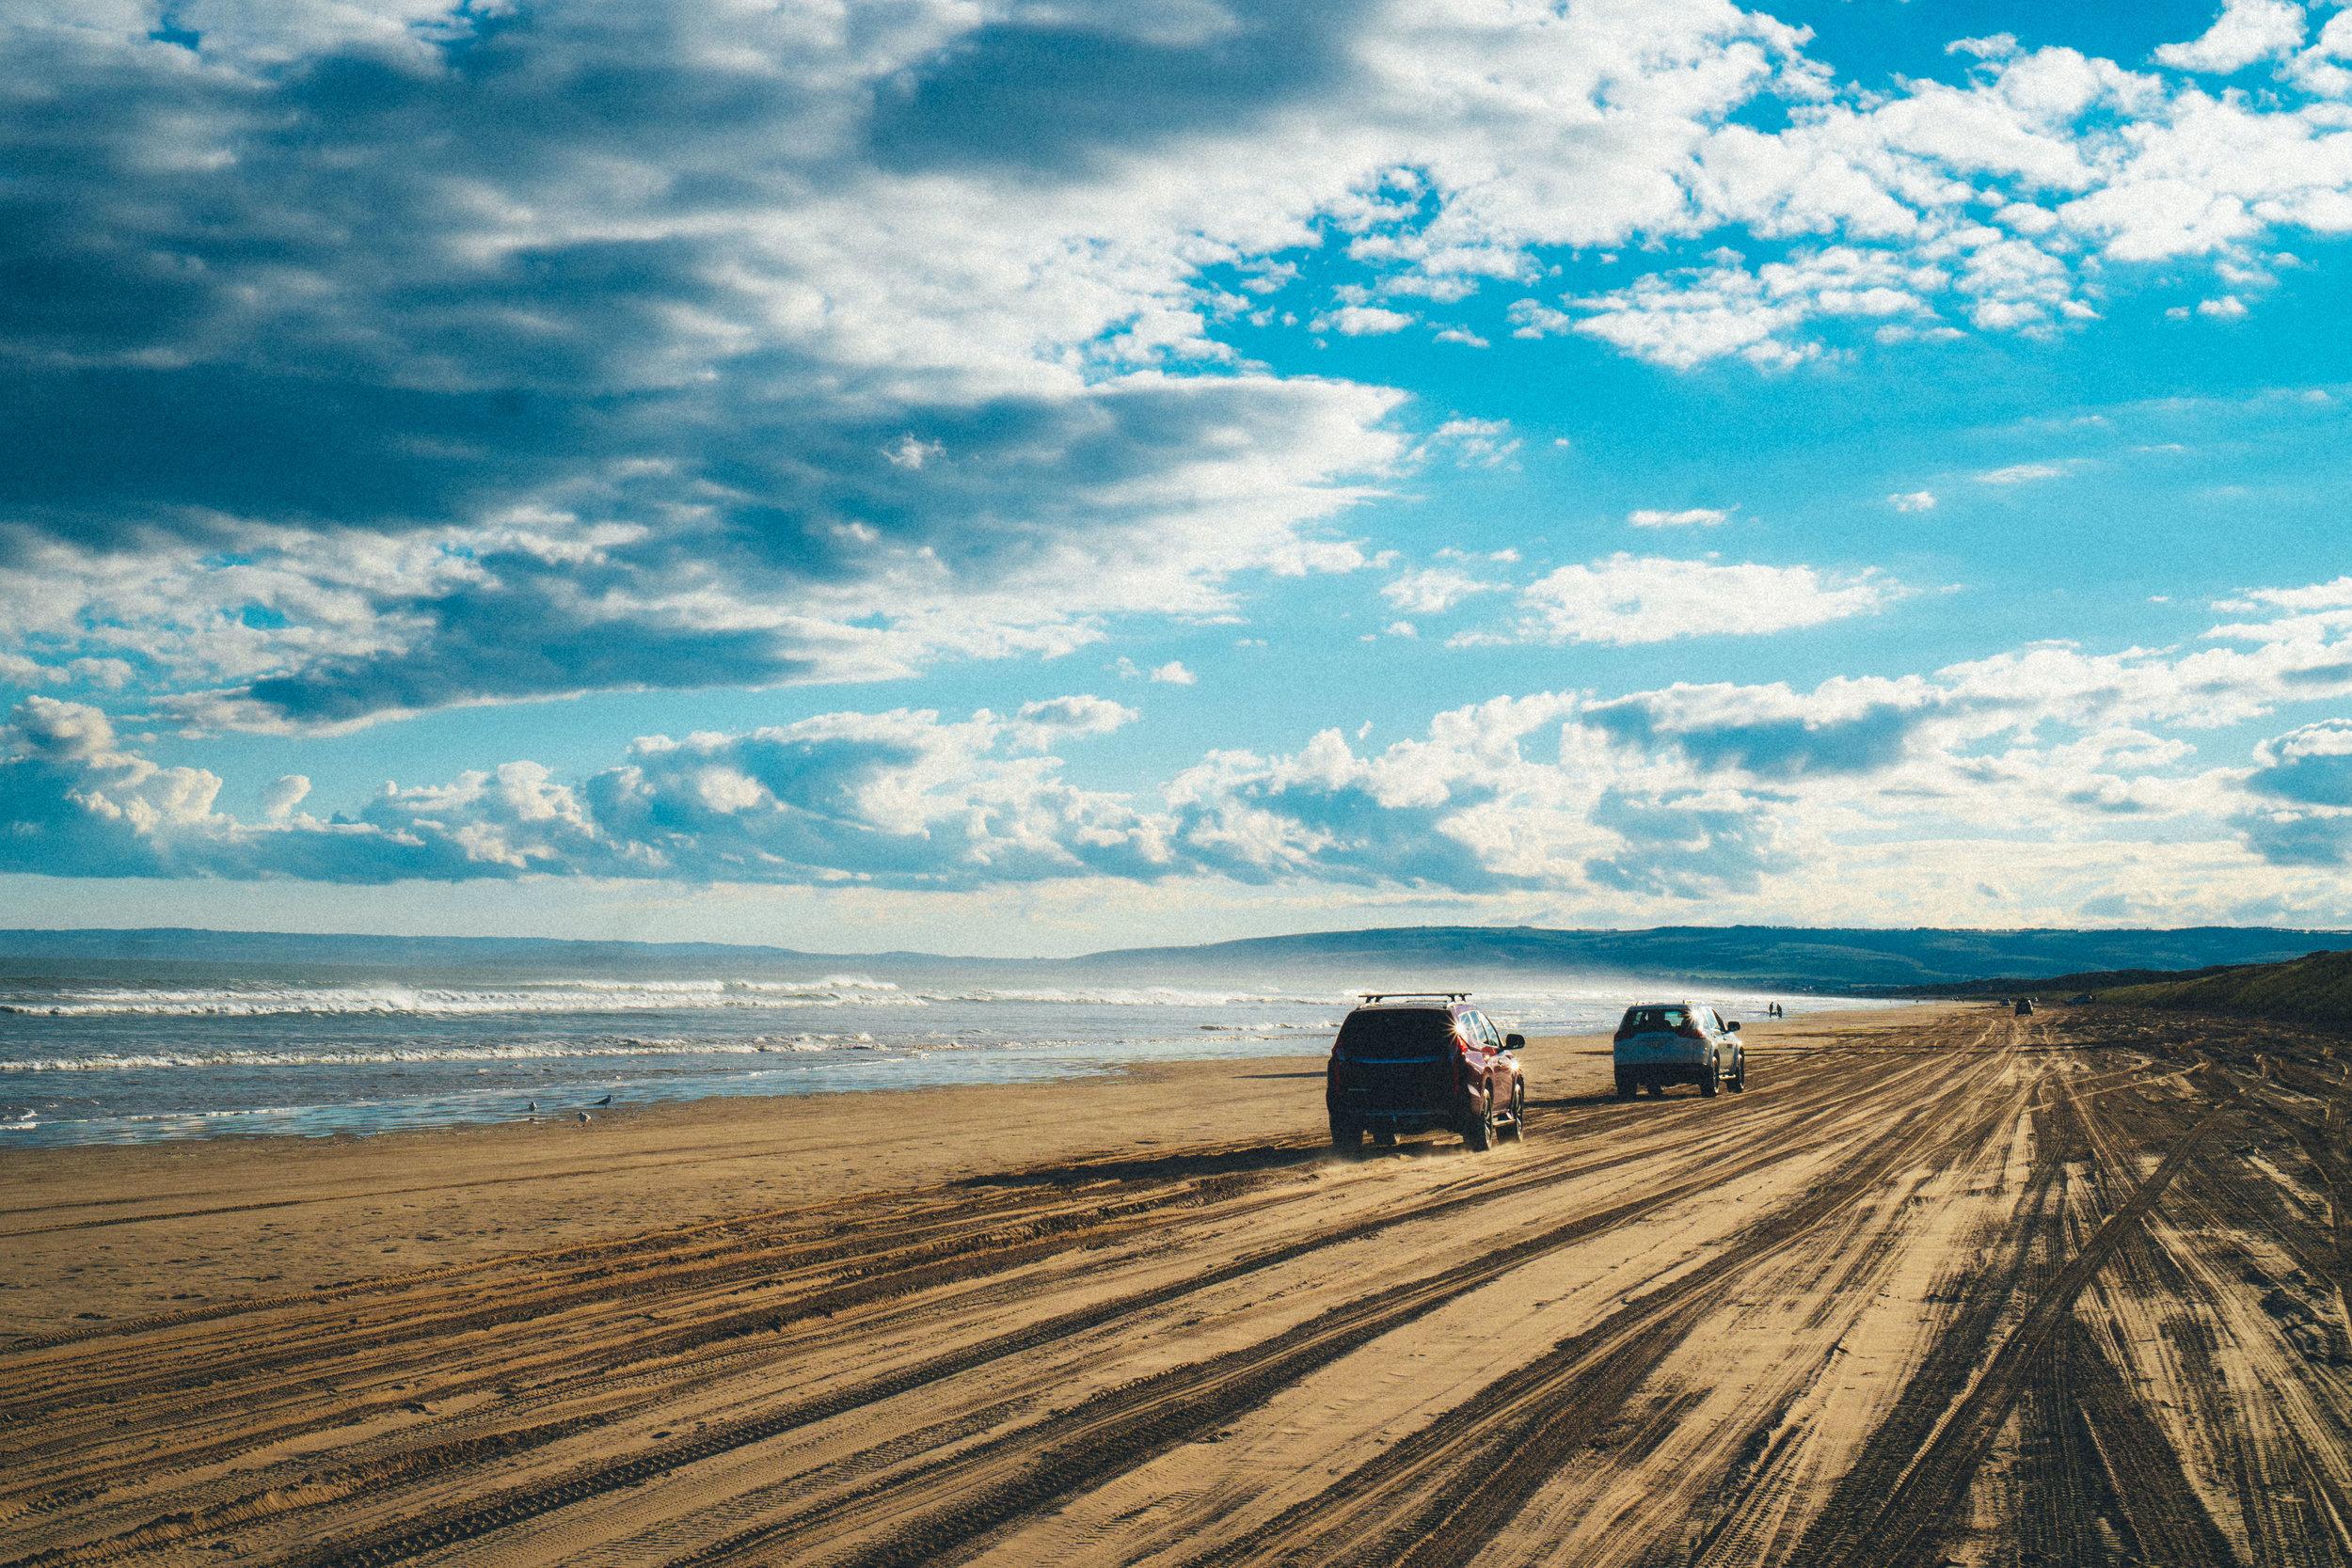 Goolwa Beach Cruising